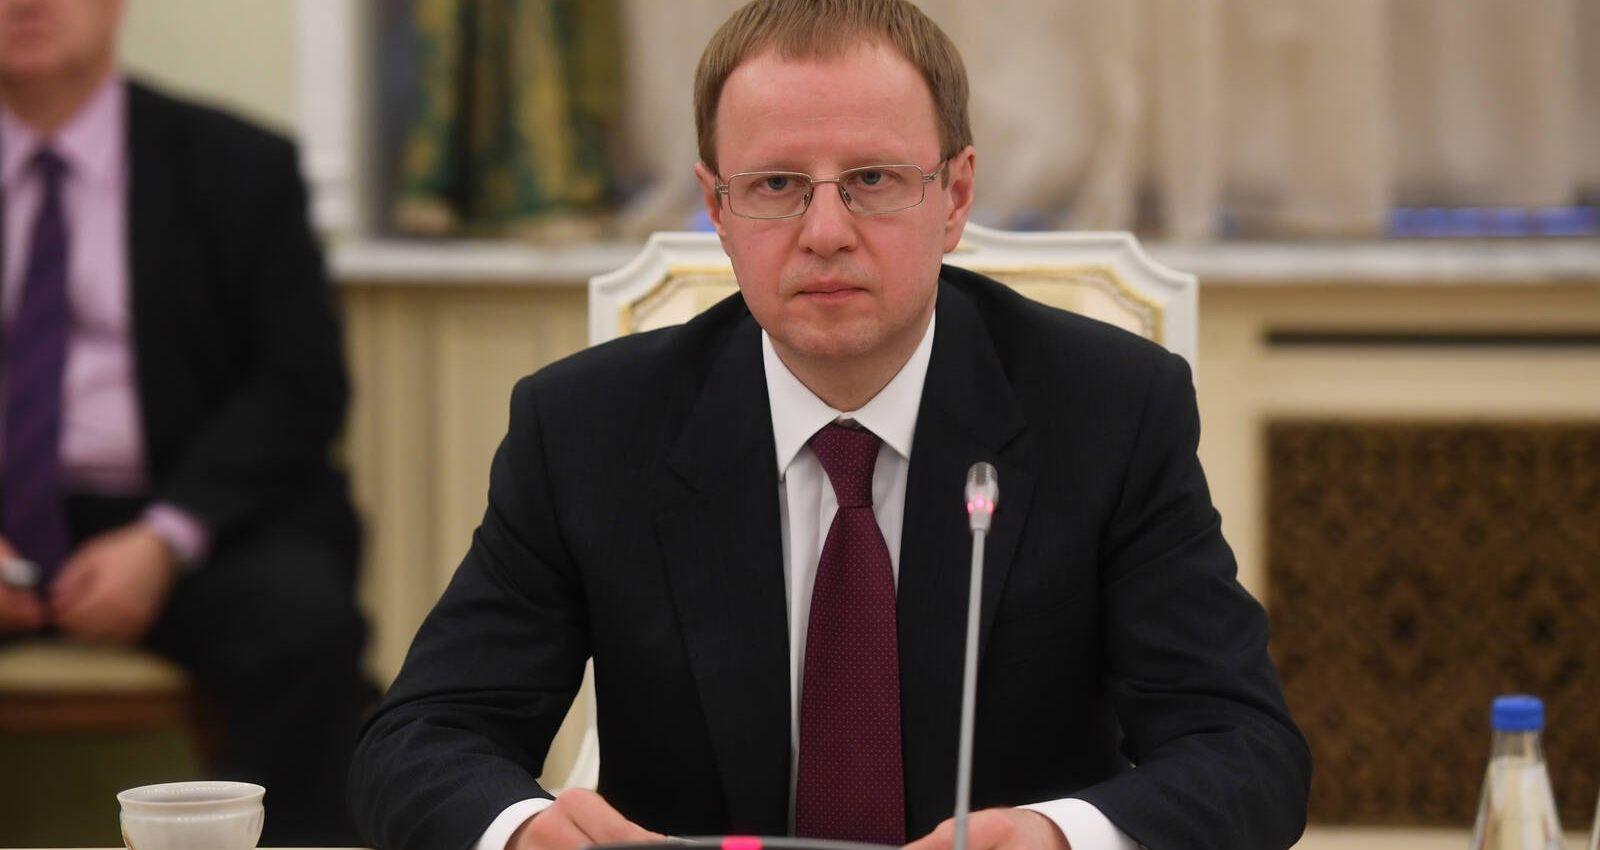 Виктор Томенко перешел на обычный режим работы